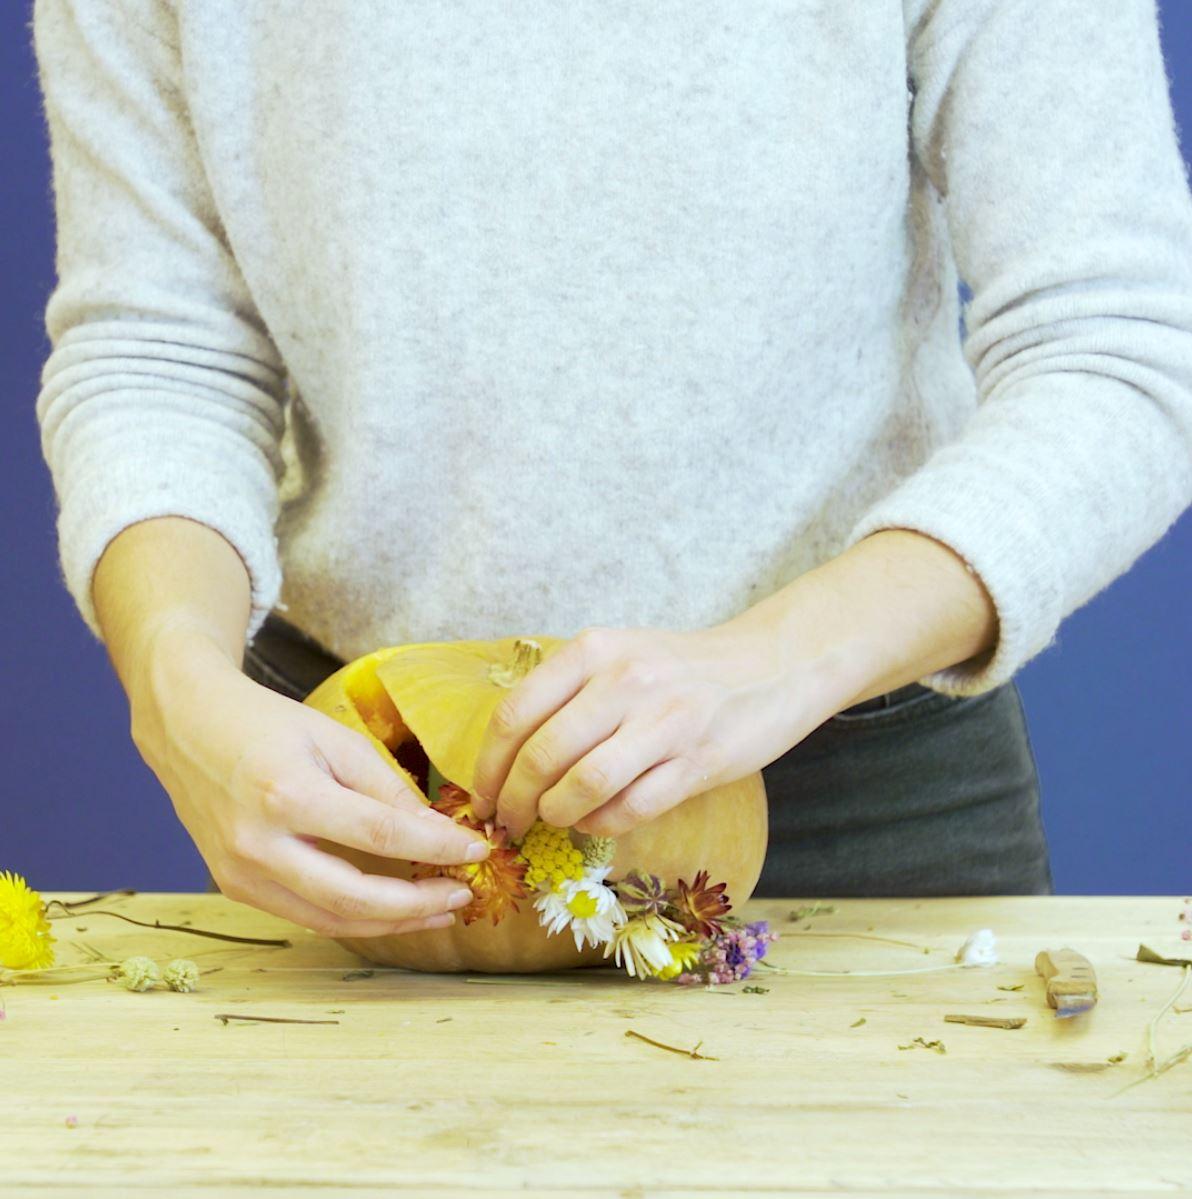 DIY pompoen versieren stap 4: Droogbloemen insteken